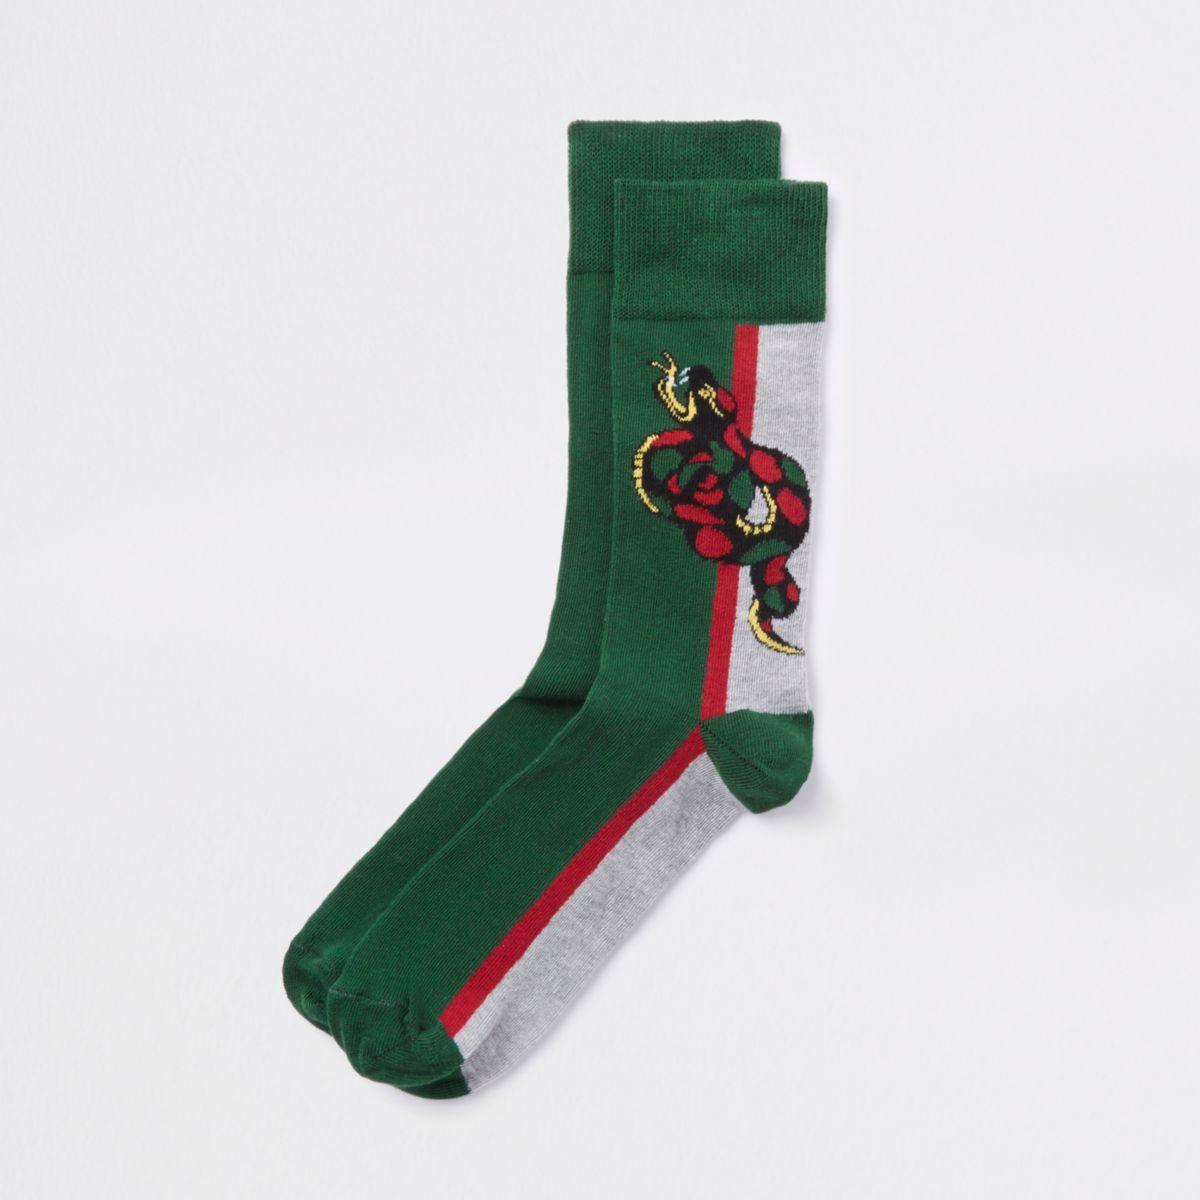 Green snake novelty socks